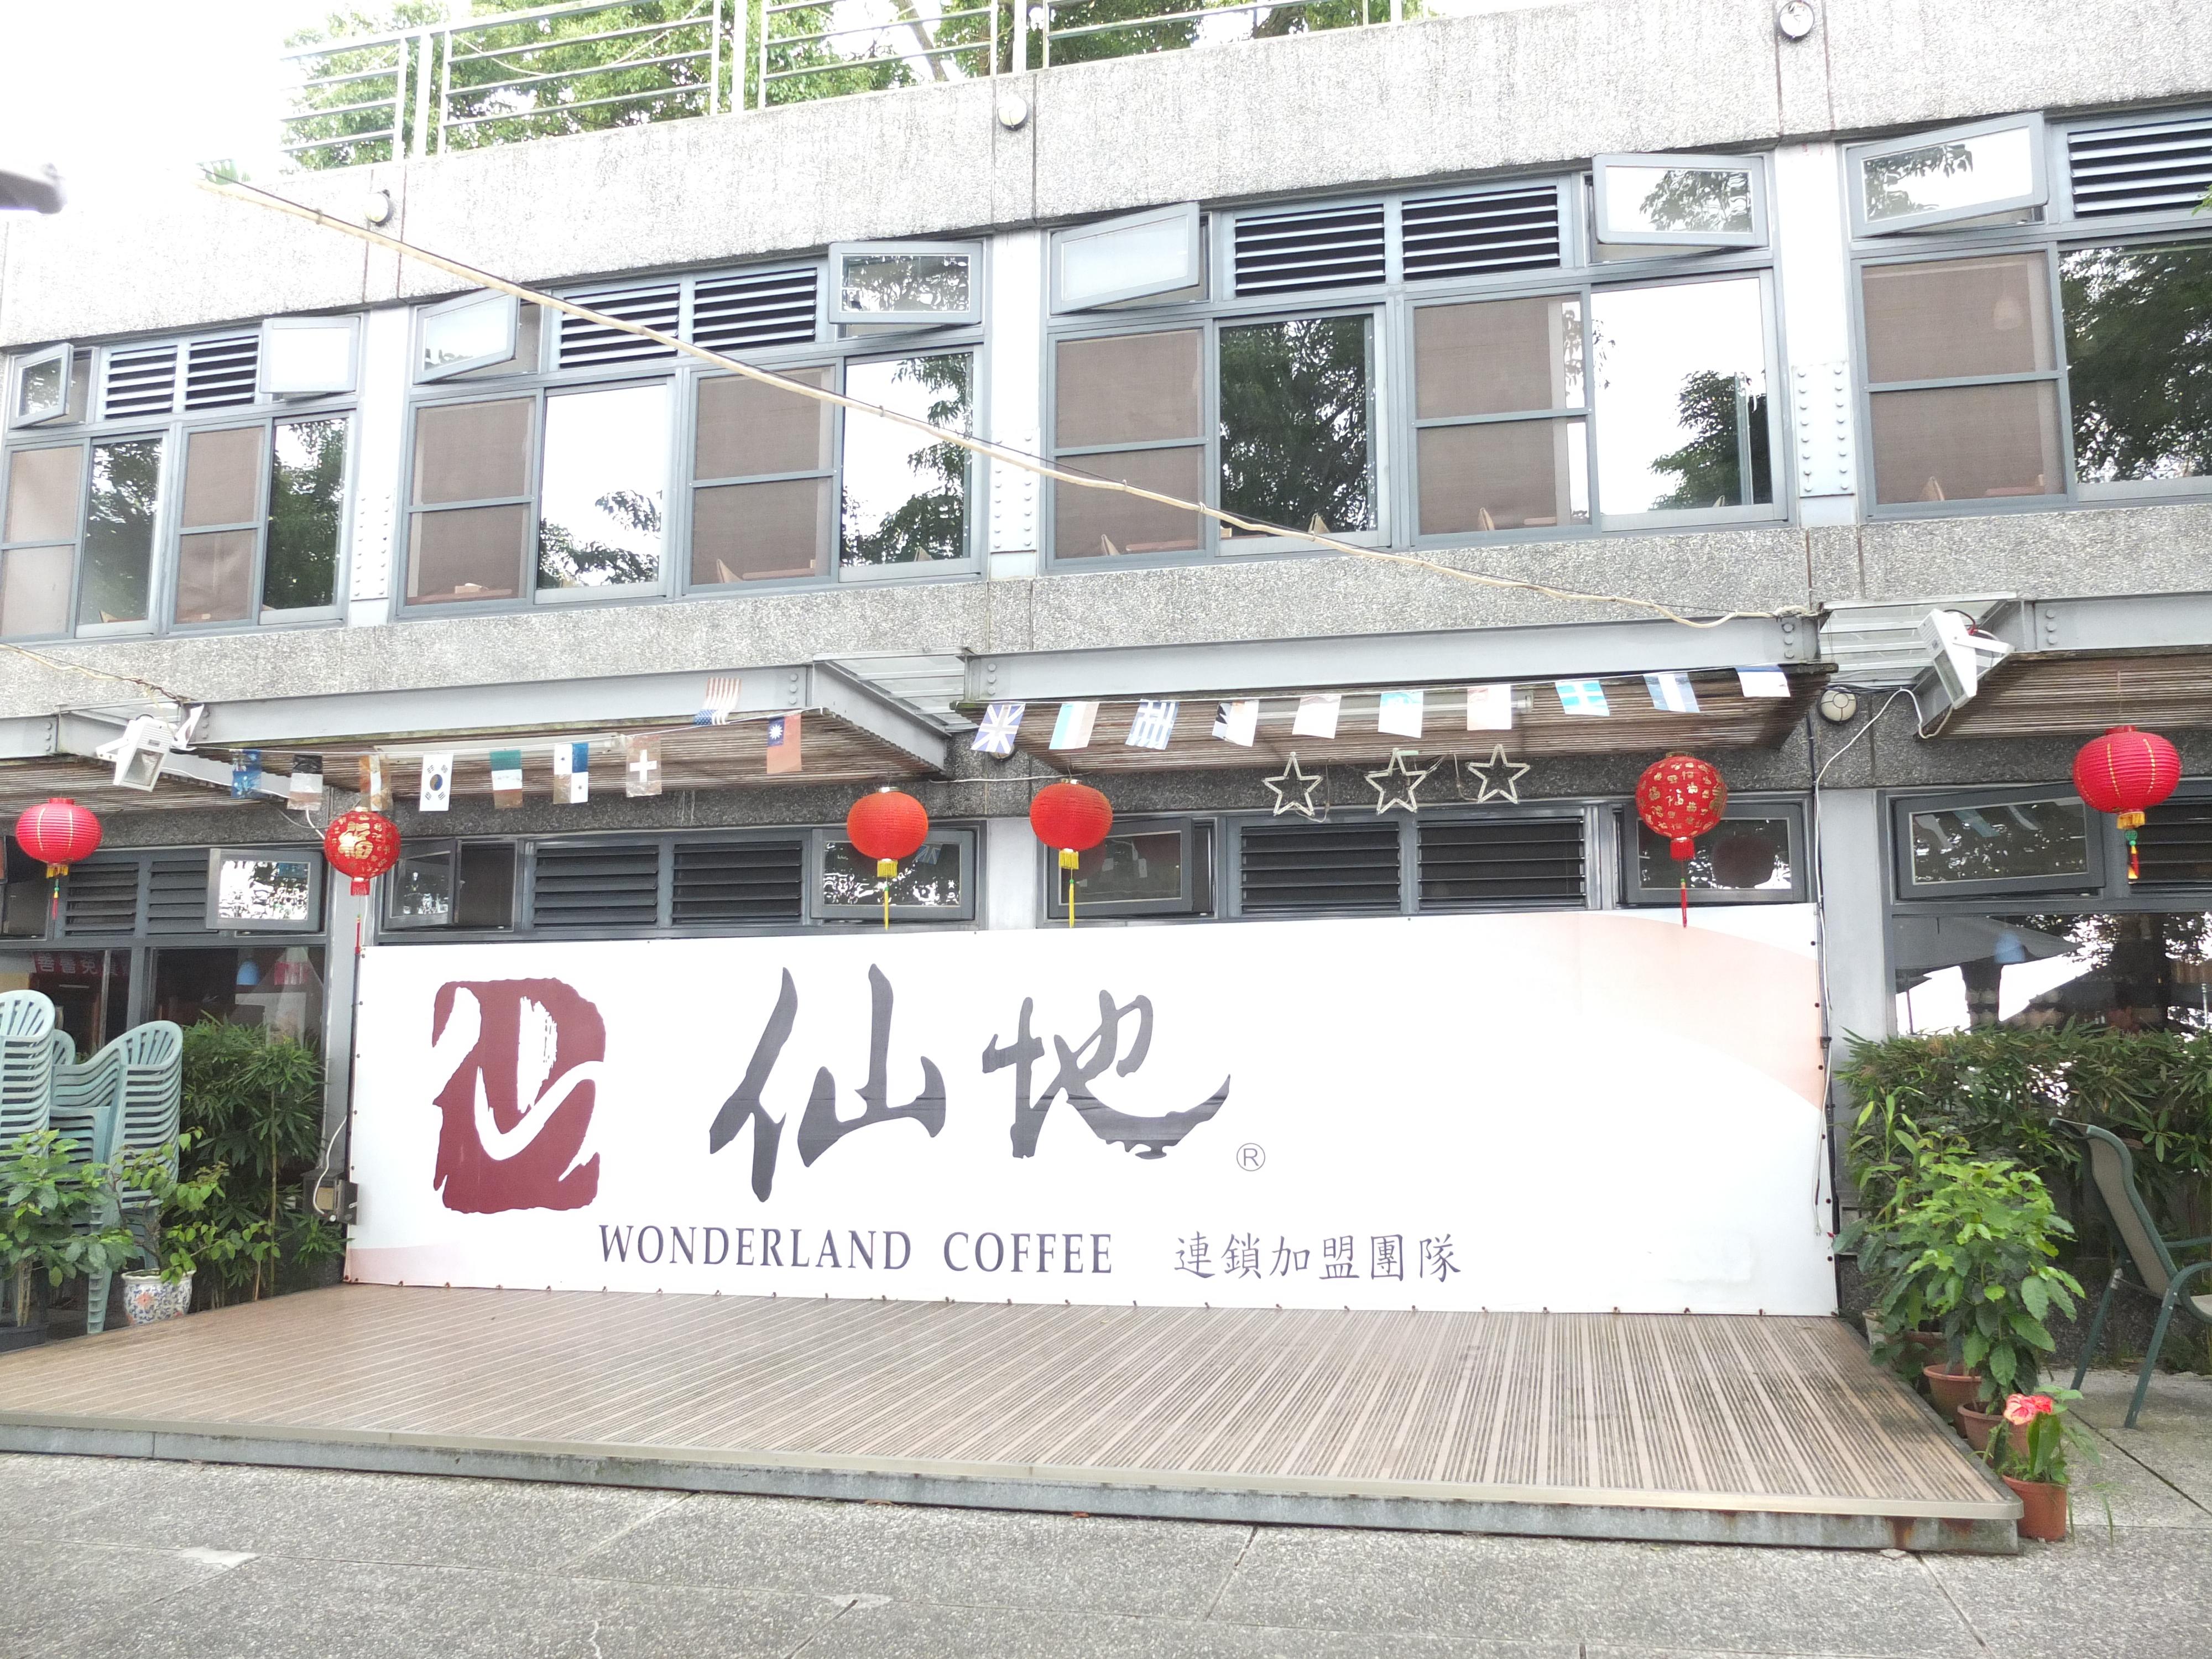 仙地咖啡-舞台區1